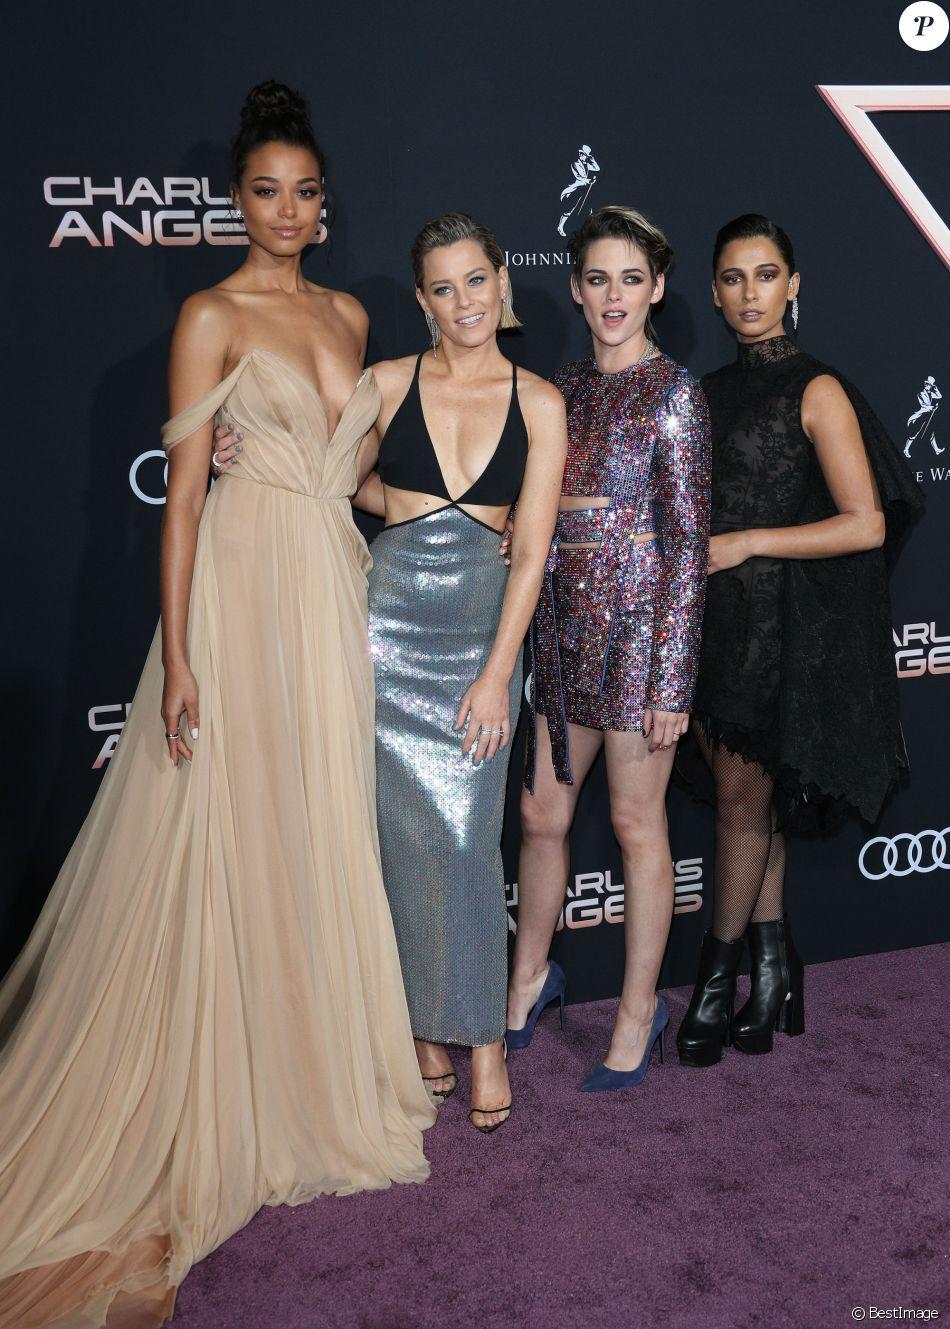 """Kristen Stewart, Naomi Scott, Ella Balinska, Elizabeth Banks - Les célébrités assistent à la première du film """"Charlie's Angels"""" à Los Angeles, le 11 novembre 2019."""